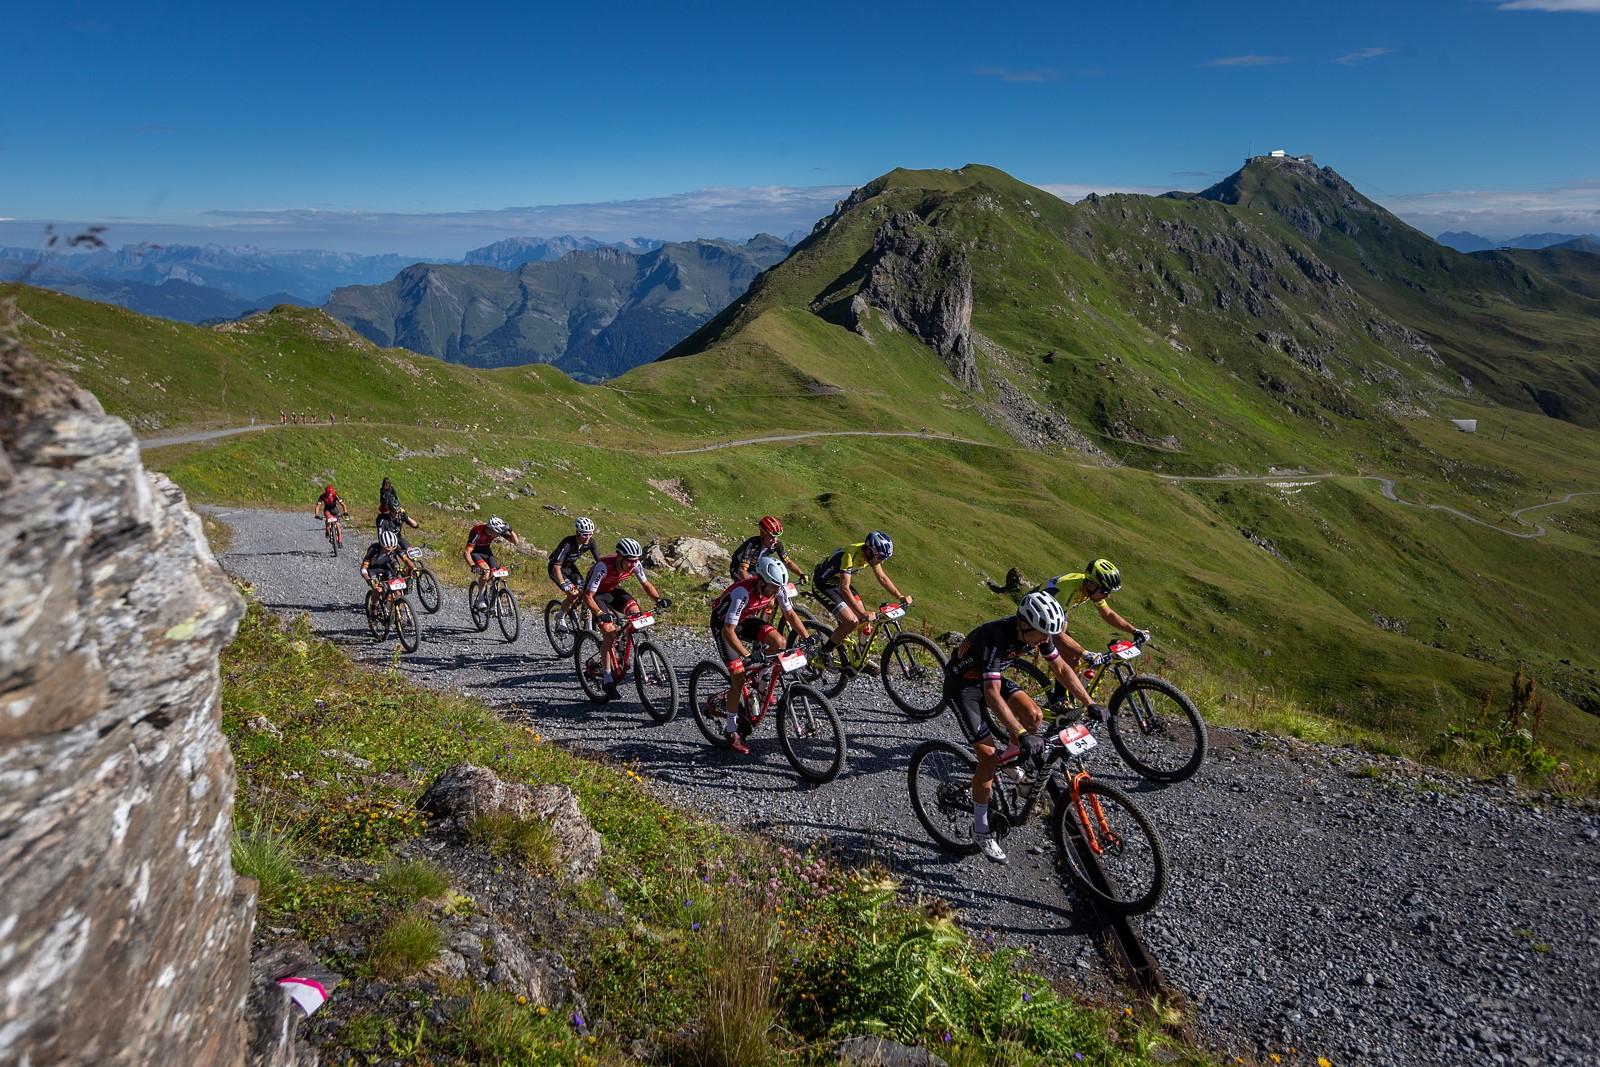 Stoupání k cyklistice patří. Zkuste změnit přístup a nebuďte naštvaní, pokud v naplánované trase čeká těžký kopec. Foto: Michal Červený